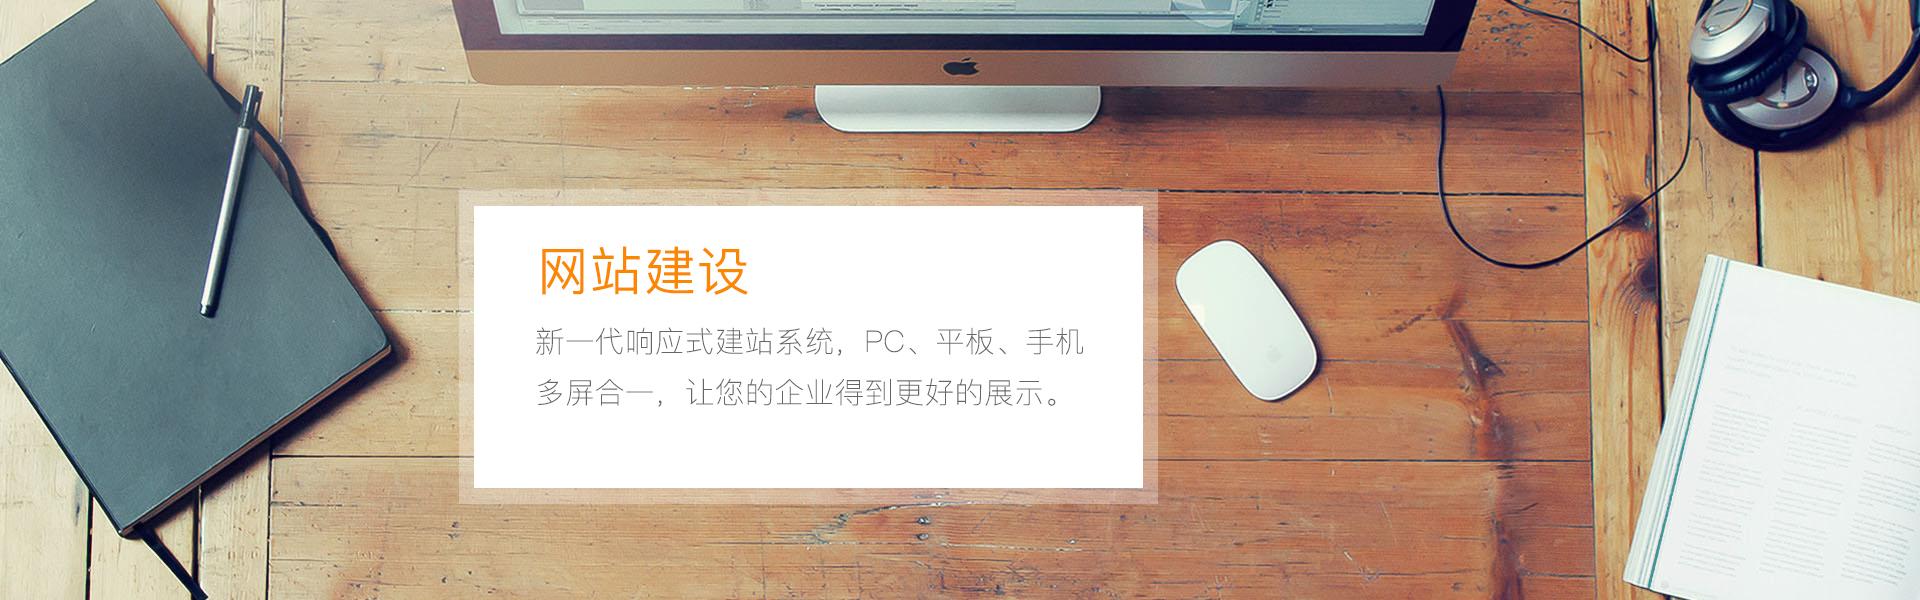 盘锦做网站